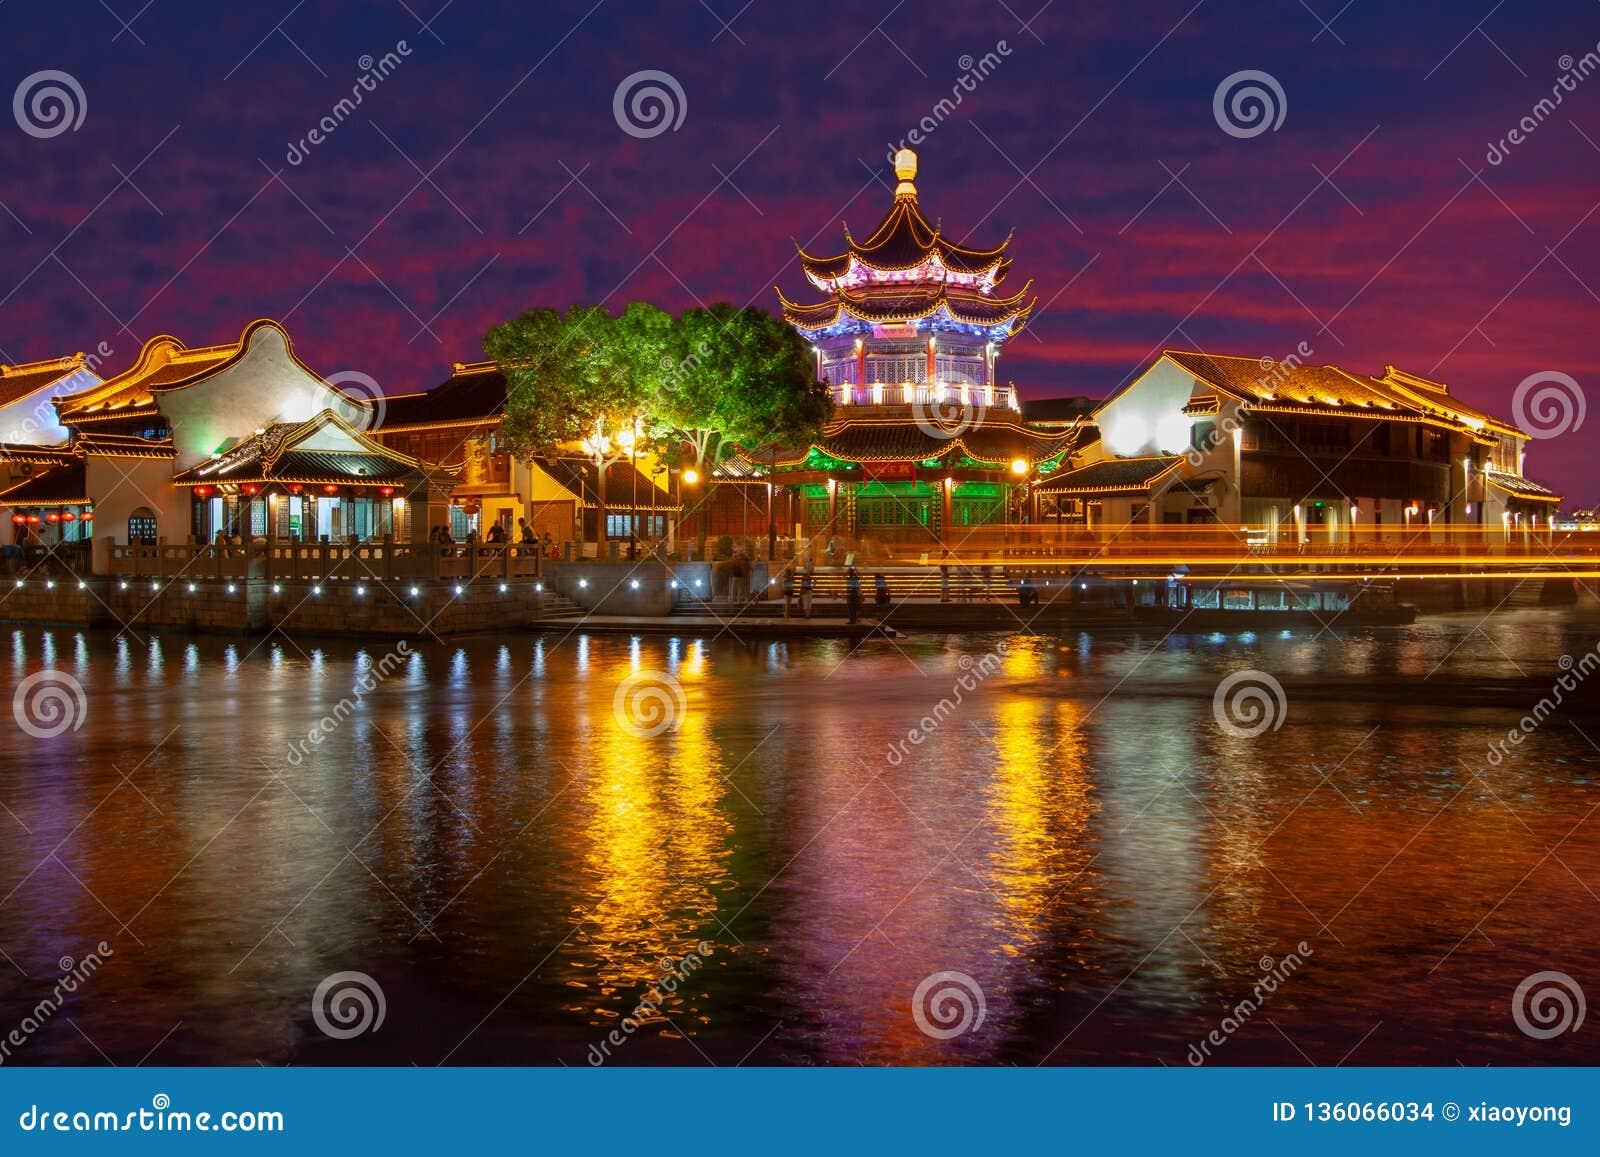 Suzhou night, China